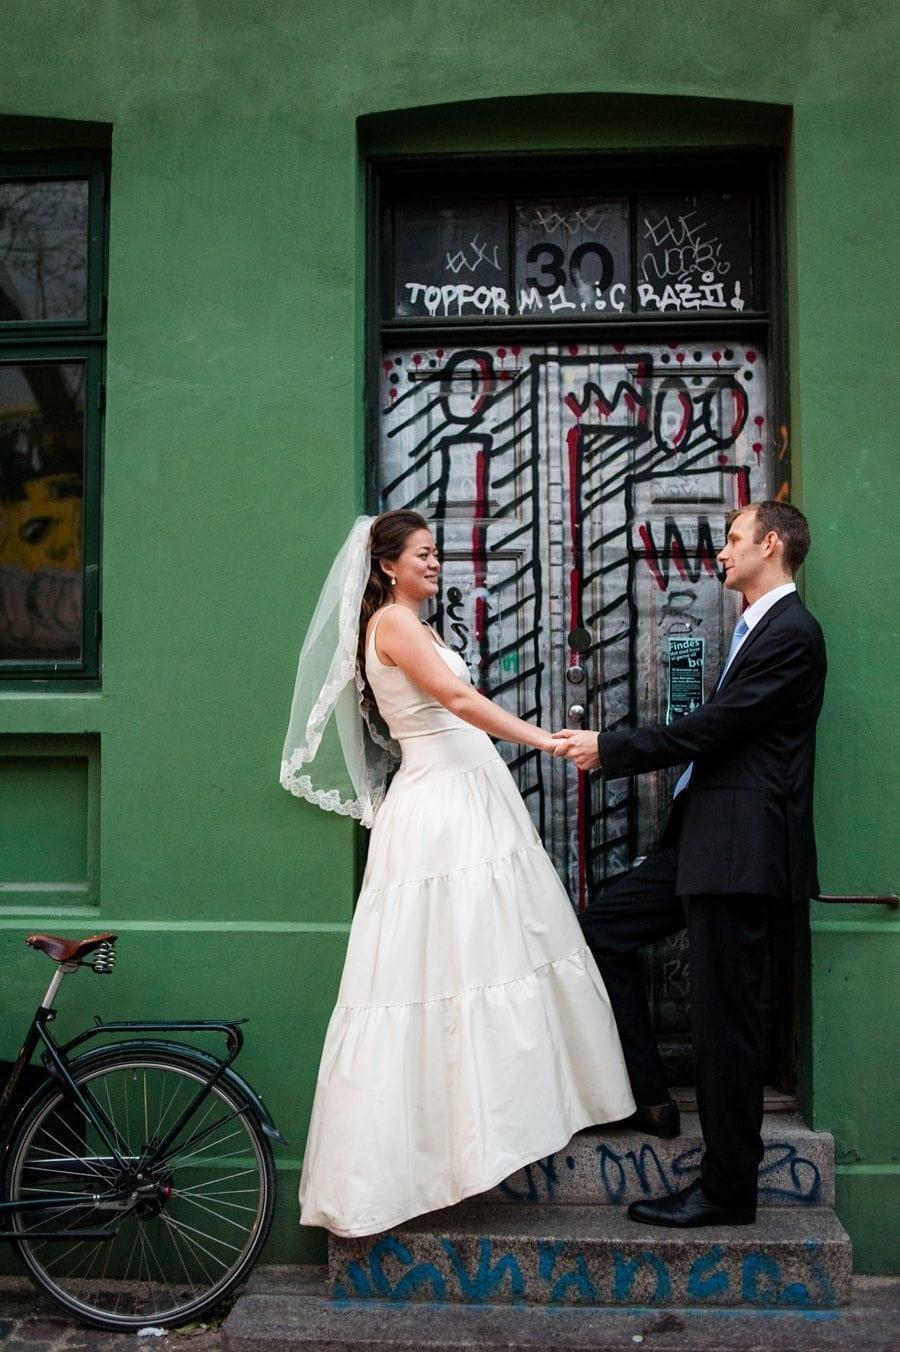 Bride and groom standing in a Copenhagen doorway at their destination winter wedding